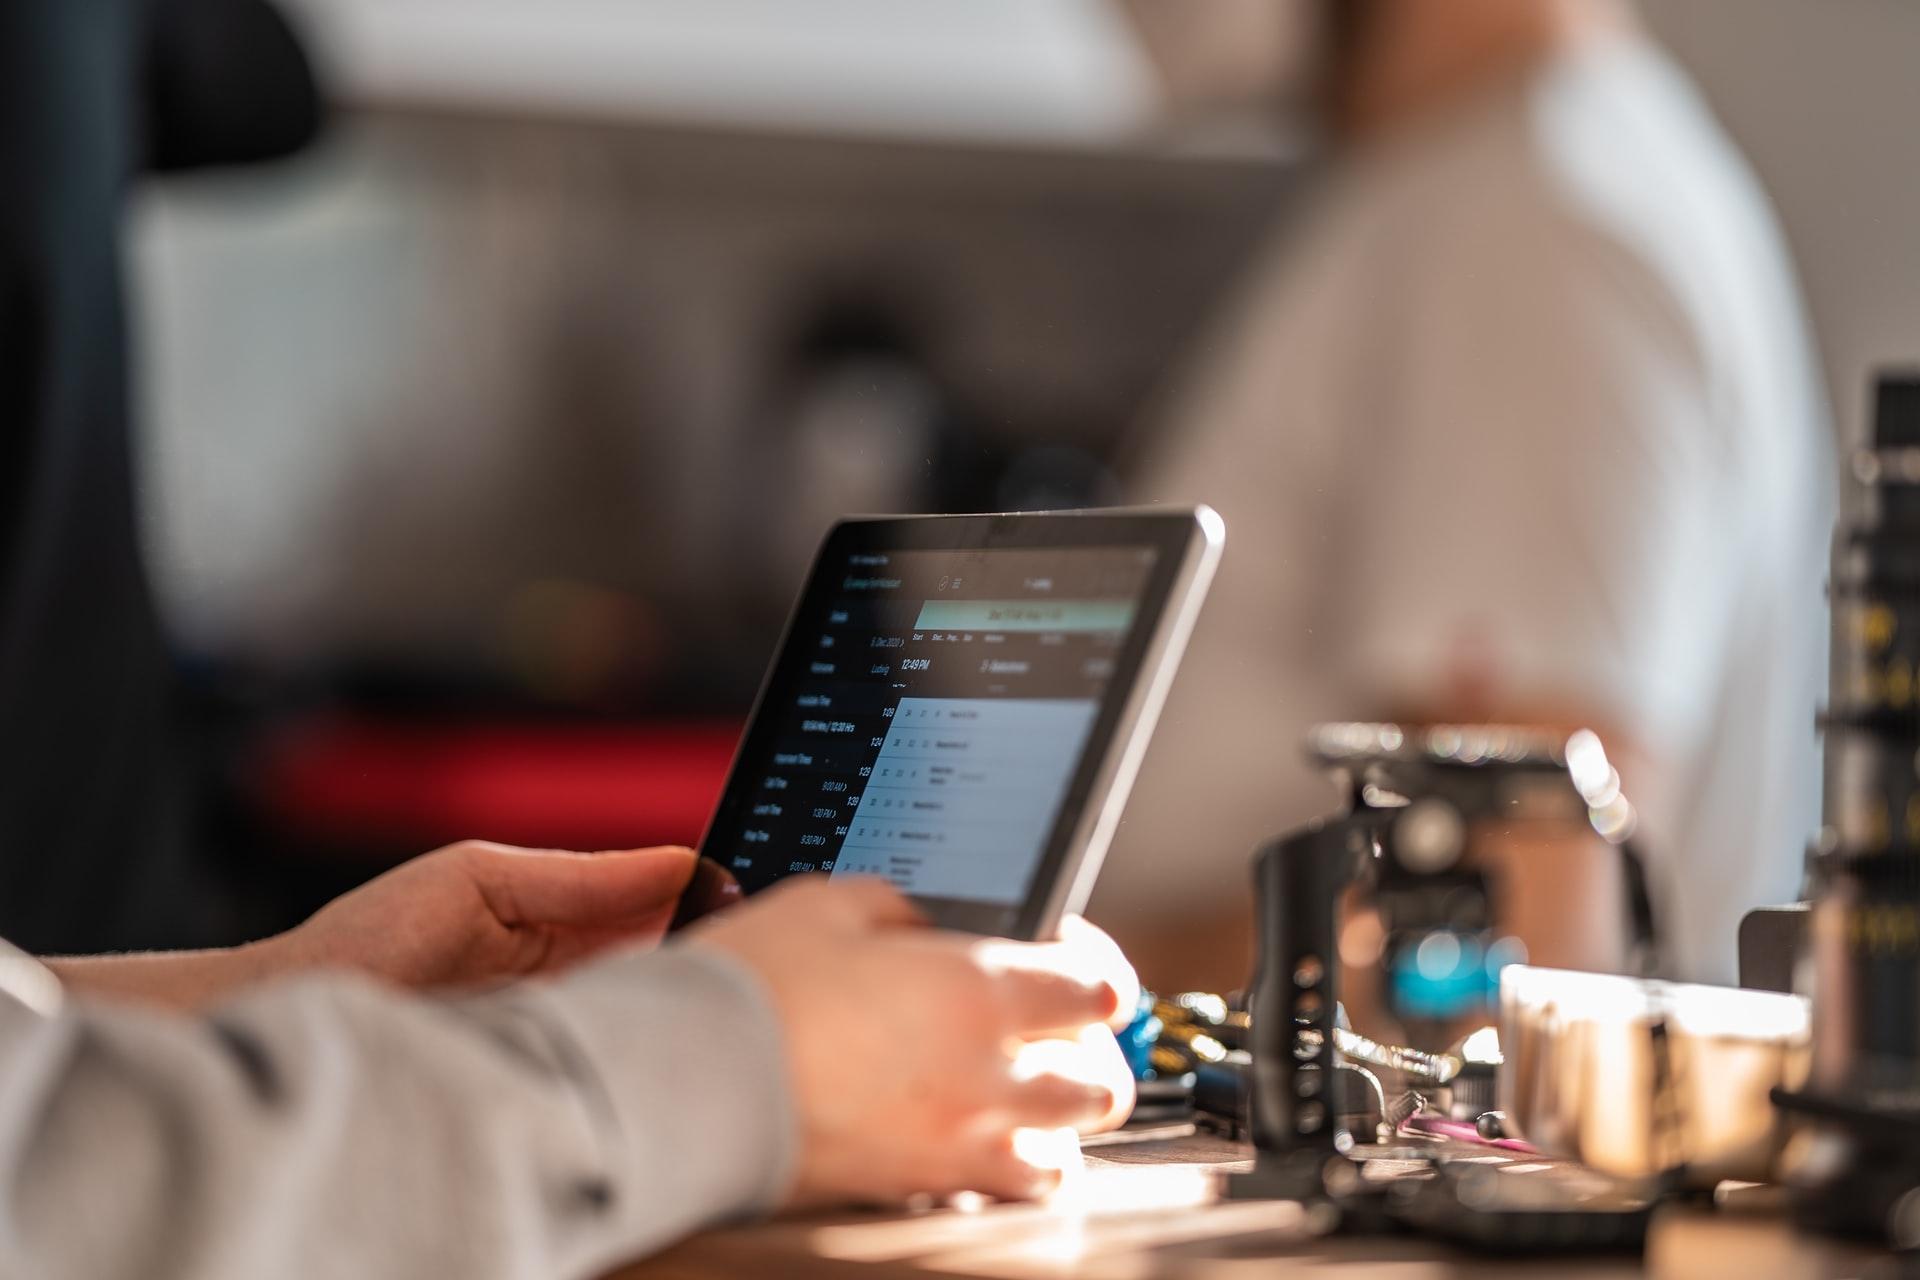 PhonePe凭借44%市场份额成为印度移动支付霸主